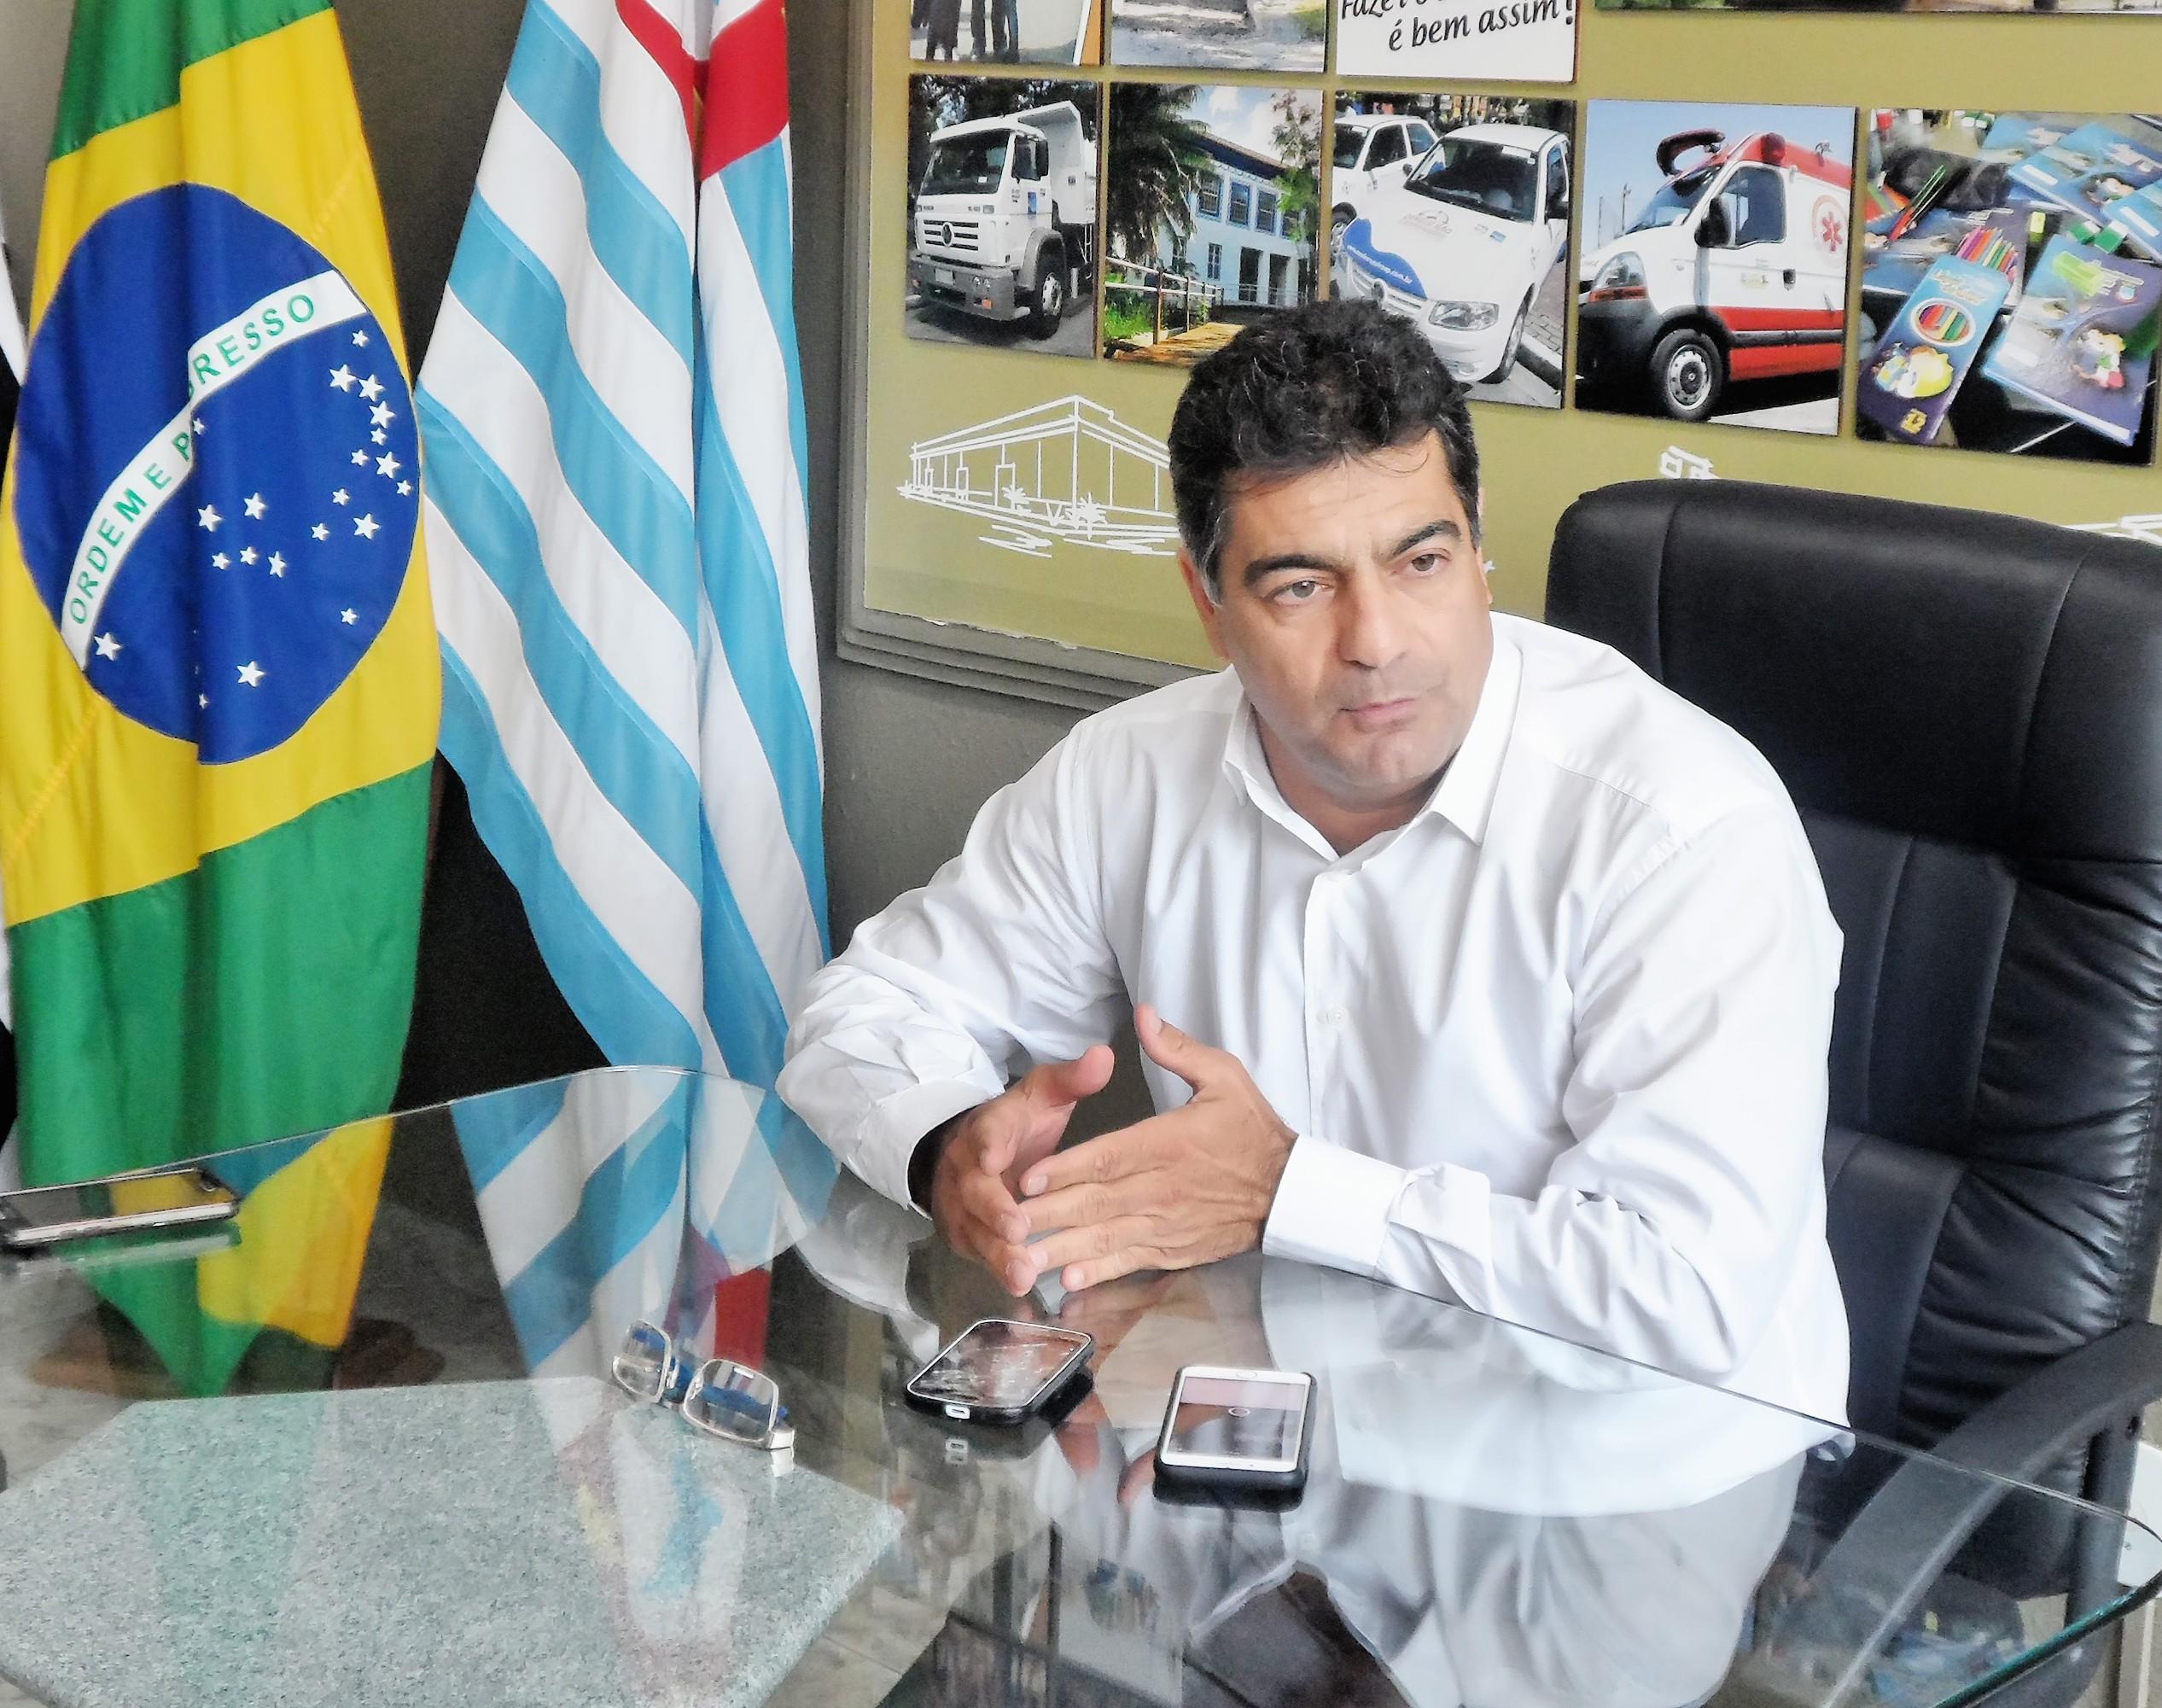 """Rafic Simão """"assumiu sem assumir"""" Prefeitura a um mês do fim de mandato; crise impera na cidade (Foto: Maria Fernanda Rezende)"""